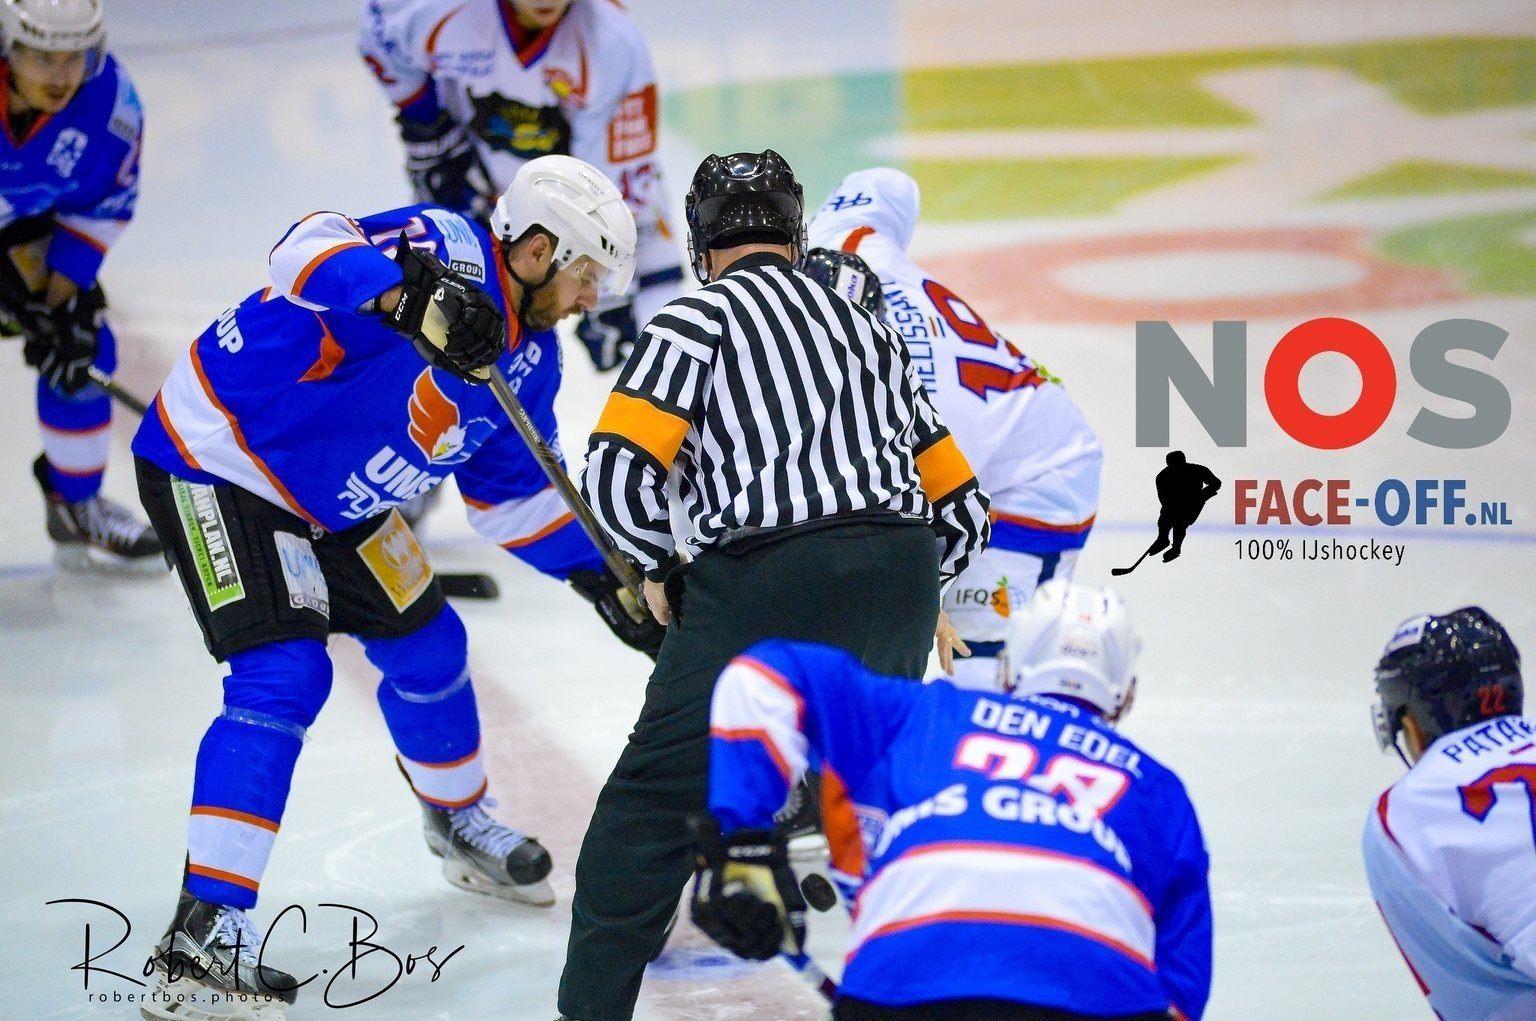 HIJS Hokij Den Haag UNIS Flyers Heerenveen Bekerfinale ijshockey Face-Off